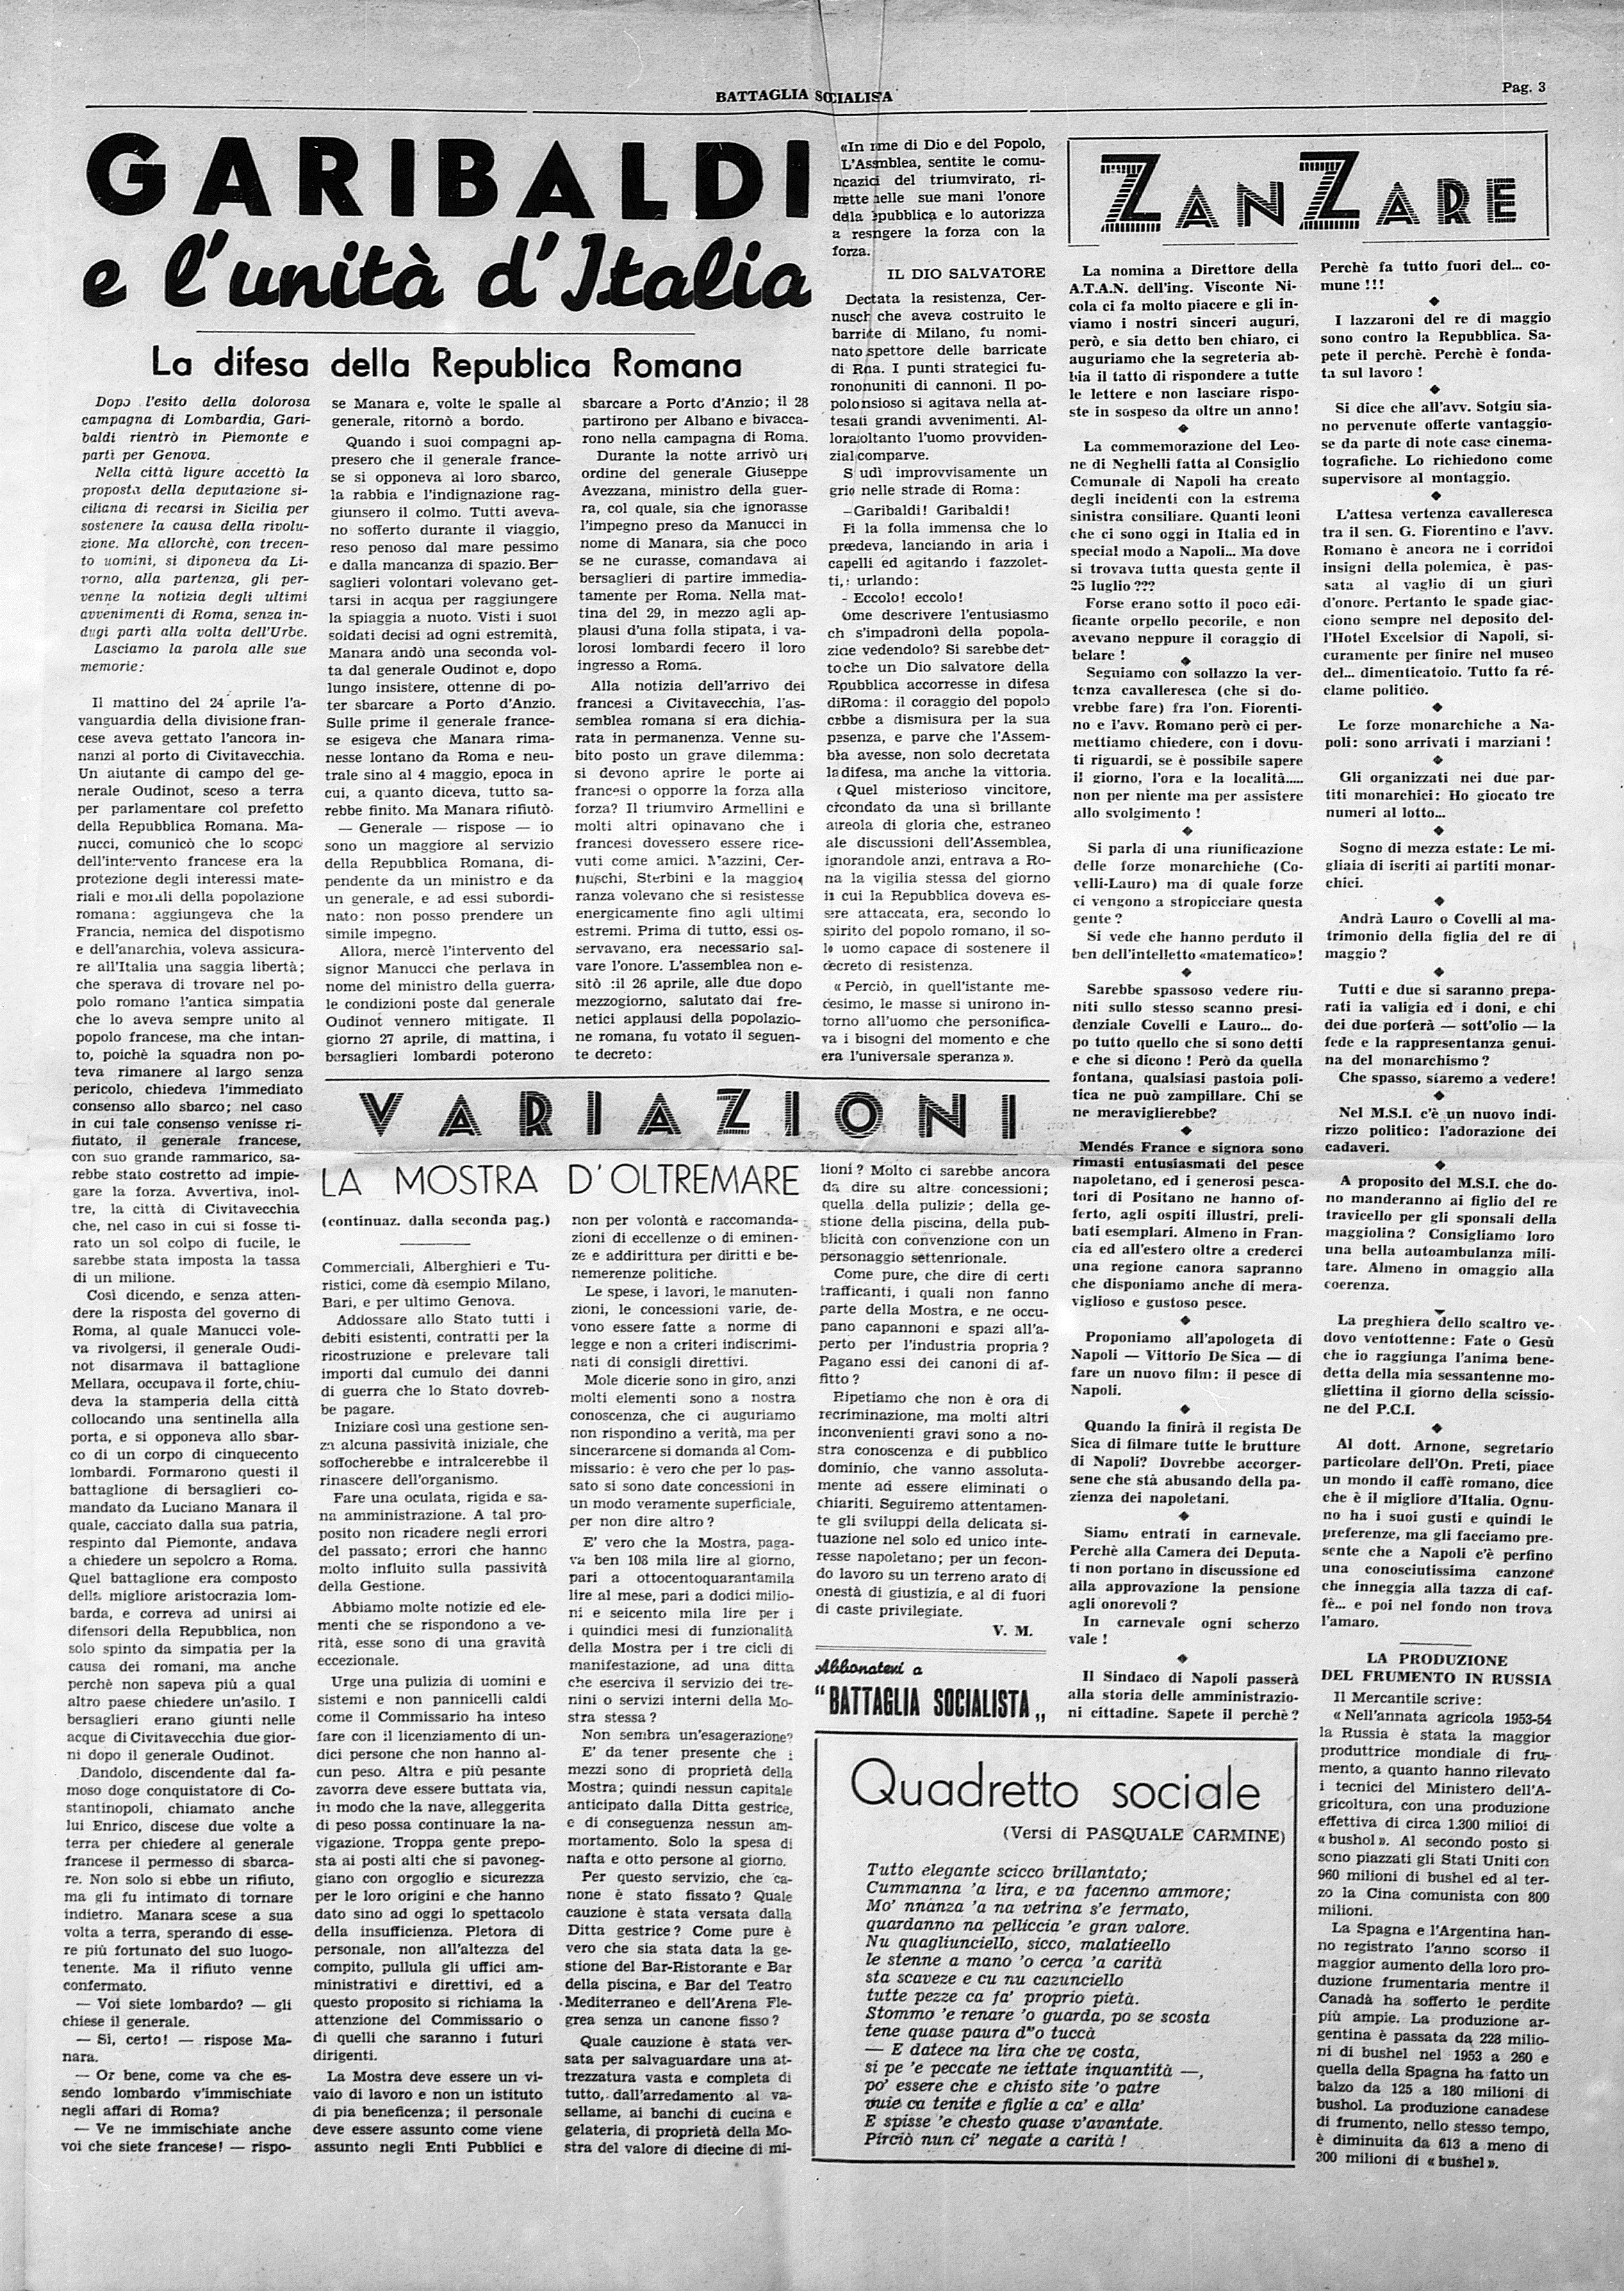 Battaglia Socialista anno III num. 1 - pag. 3